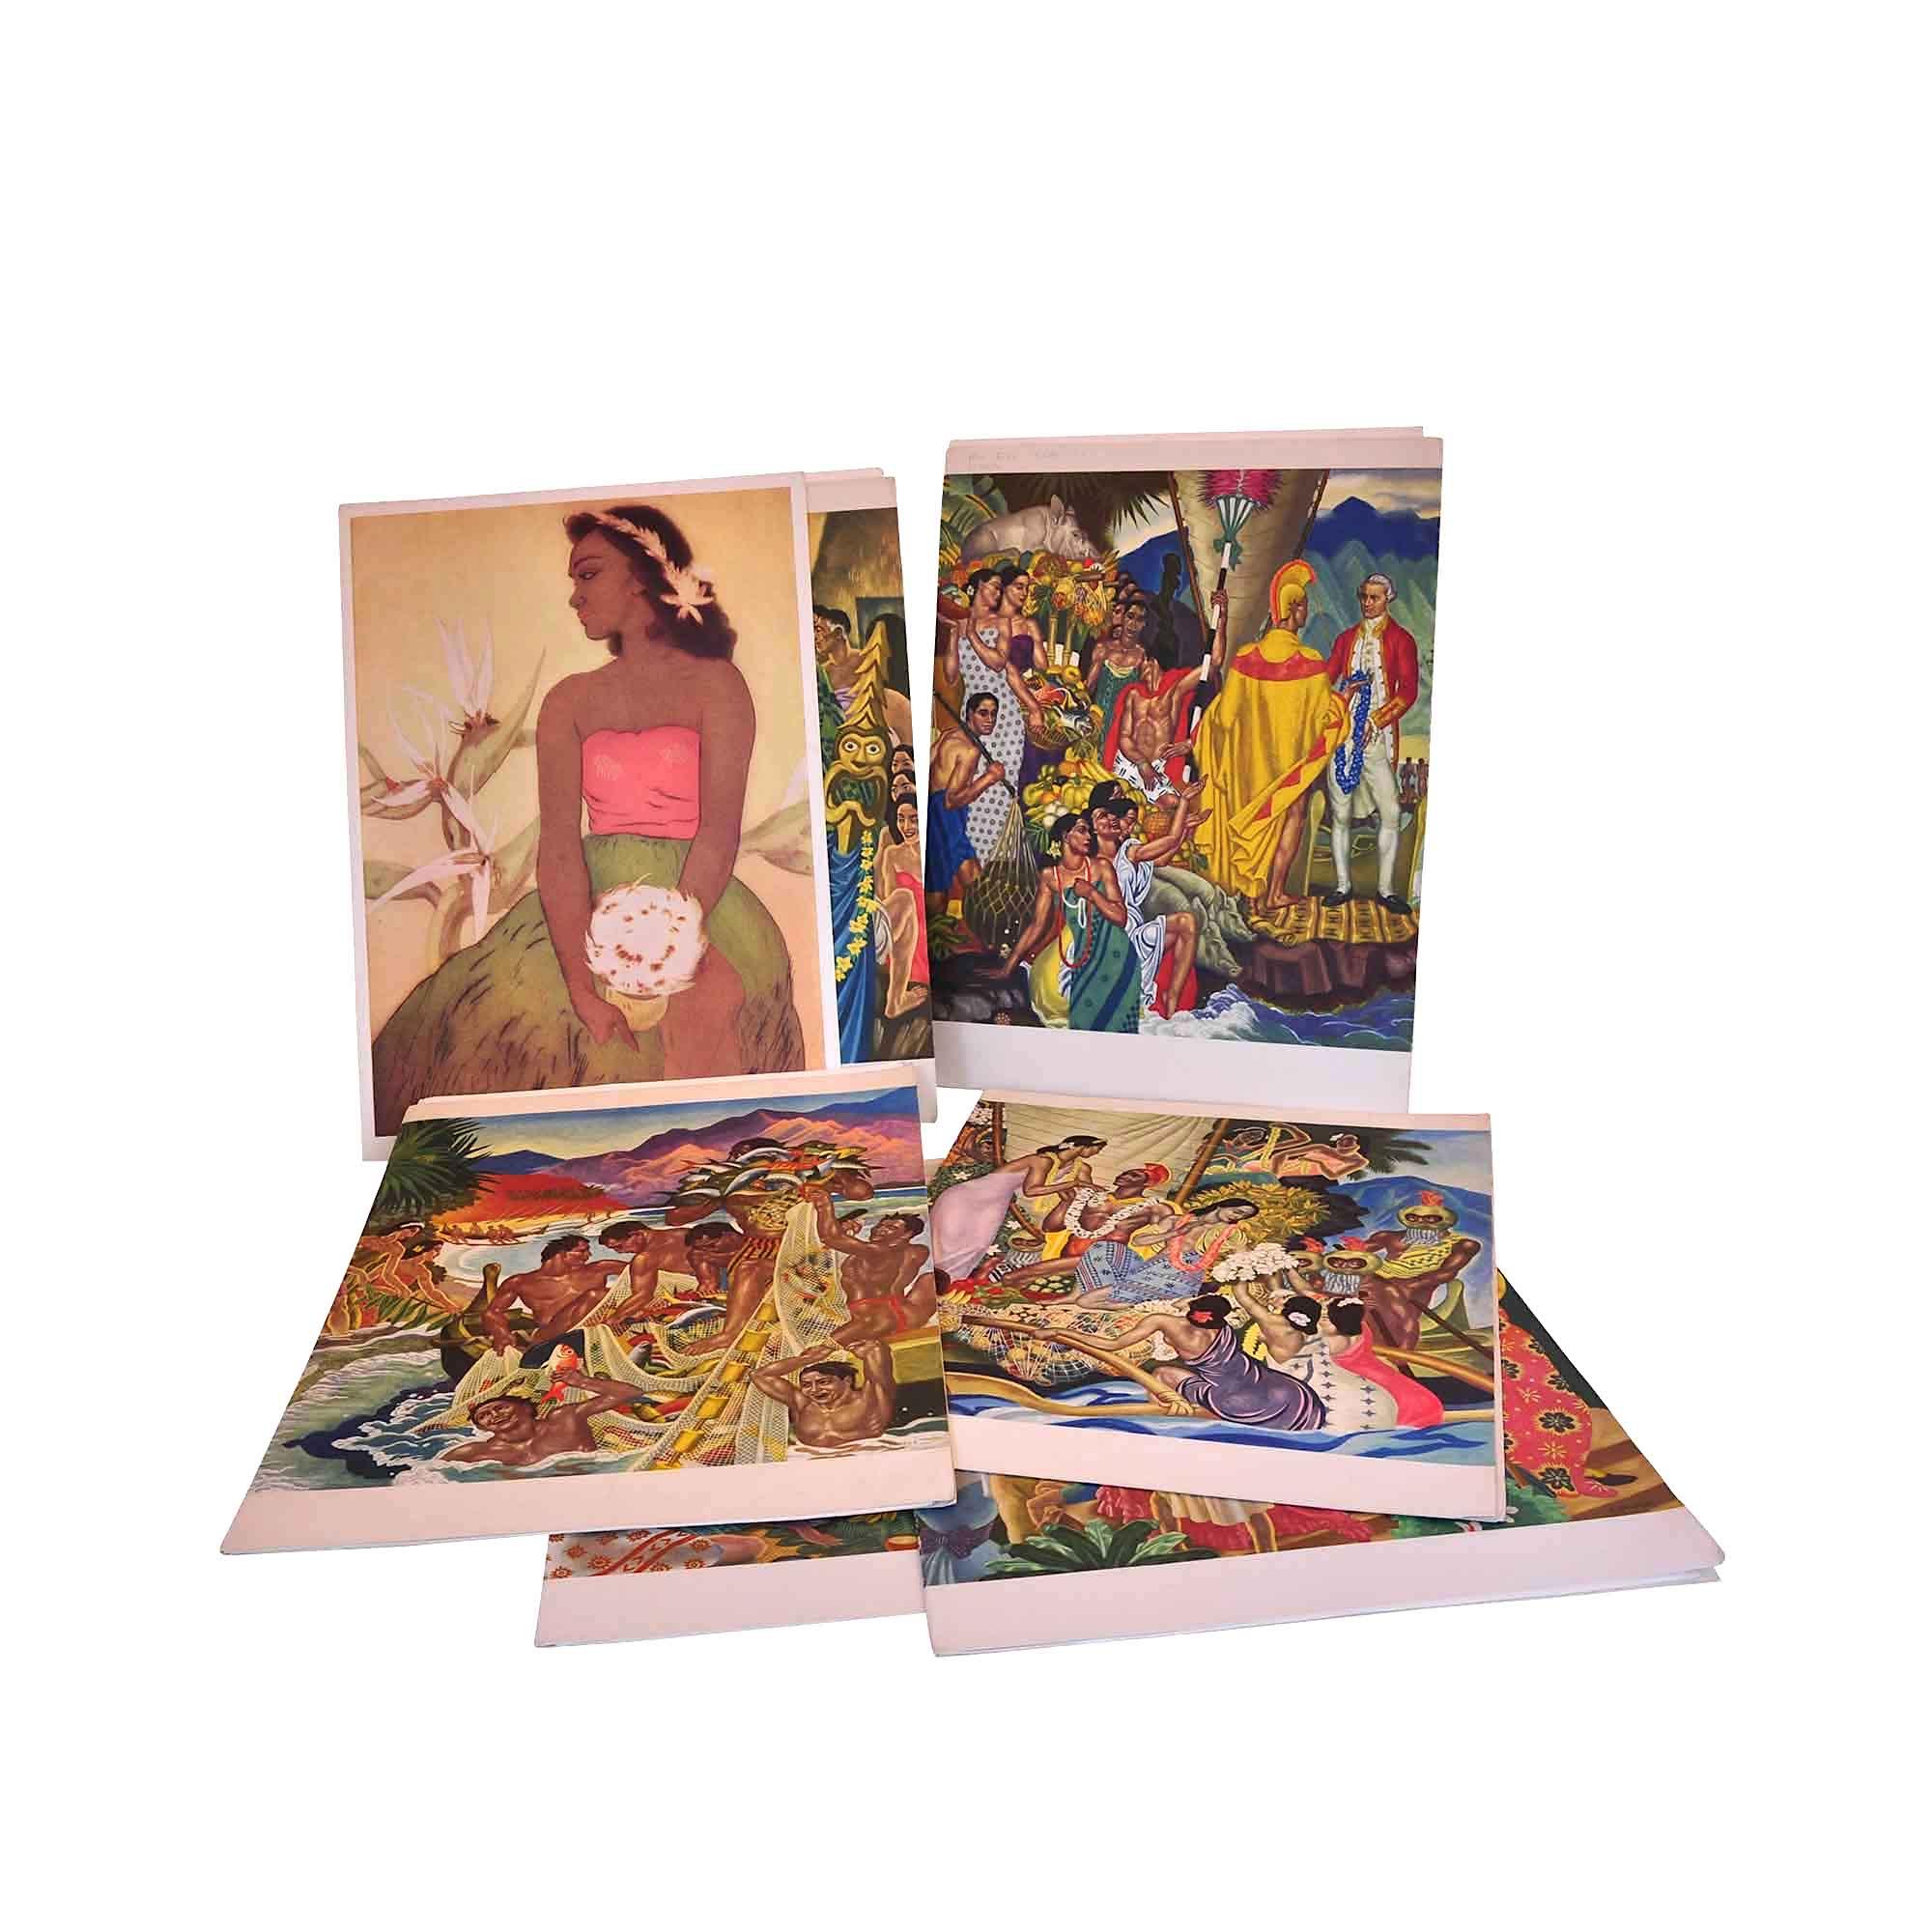 5265-Savage-Royal-Hawaiian-Dinner-Cards-1948-1952-Alle-2-N.jpg